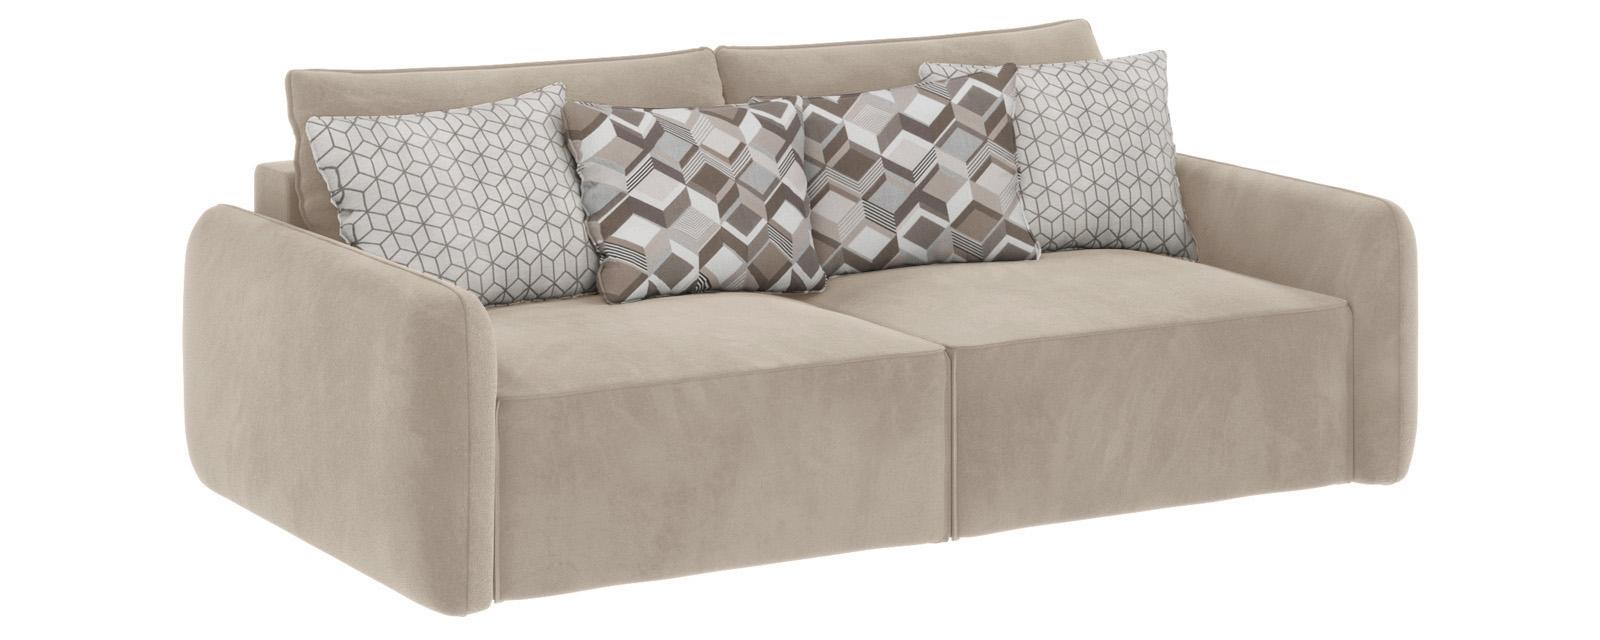 Модульный диван Портленд вариант №7 Soft светло-бежевый (Вел-флок)